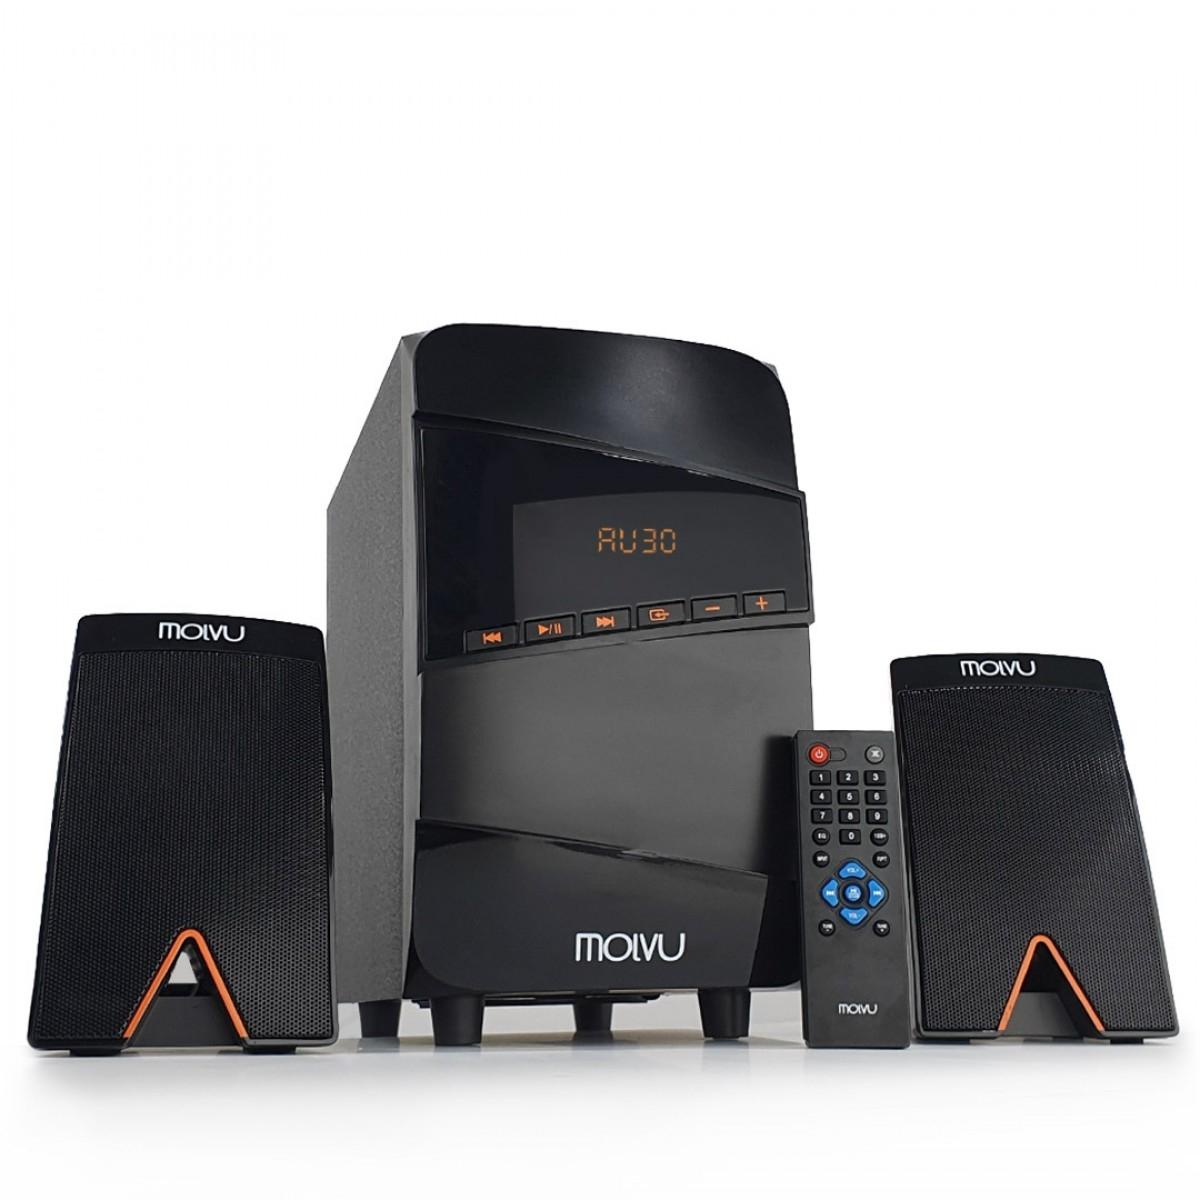 MOLVU-LEX2-1000X1000-10-1.jpg